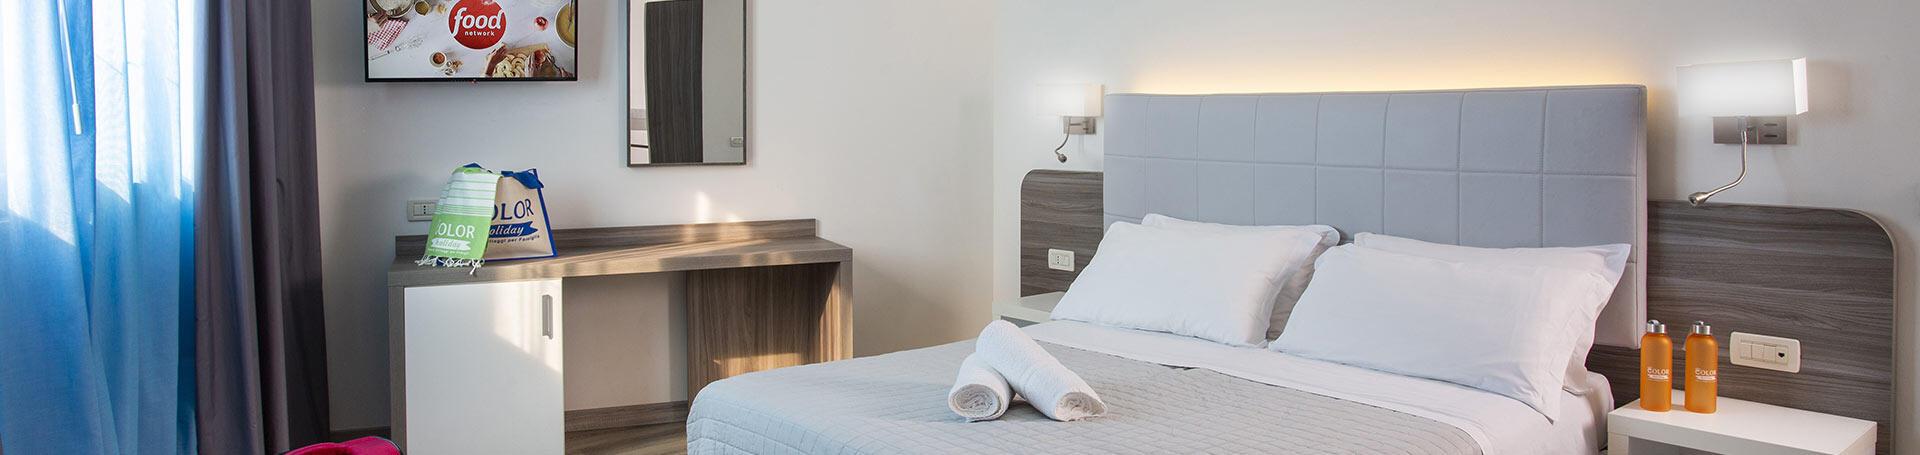 palacelidohotel en rooms 009